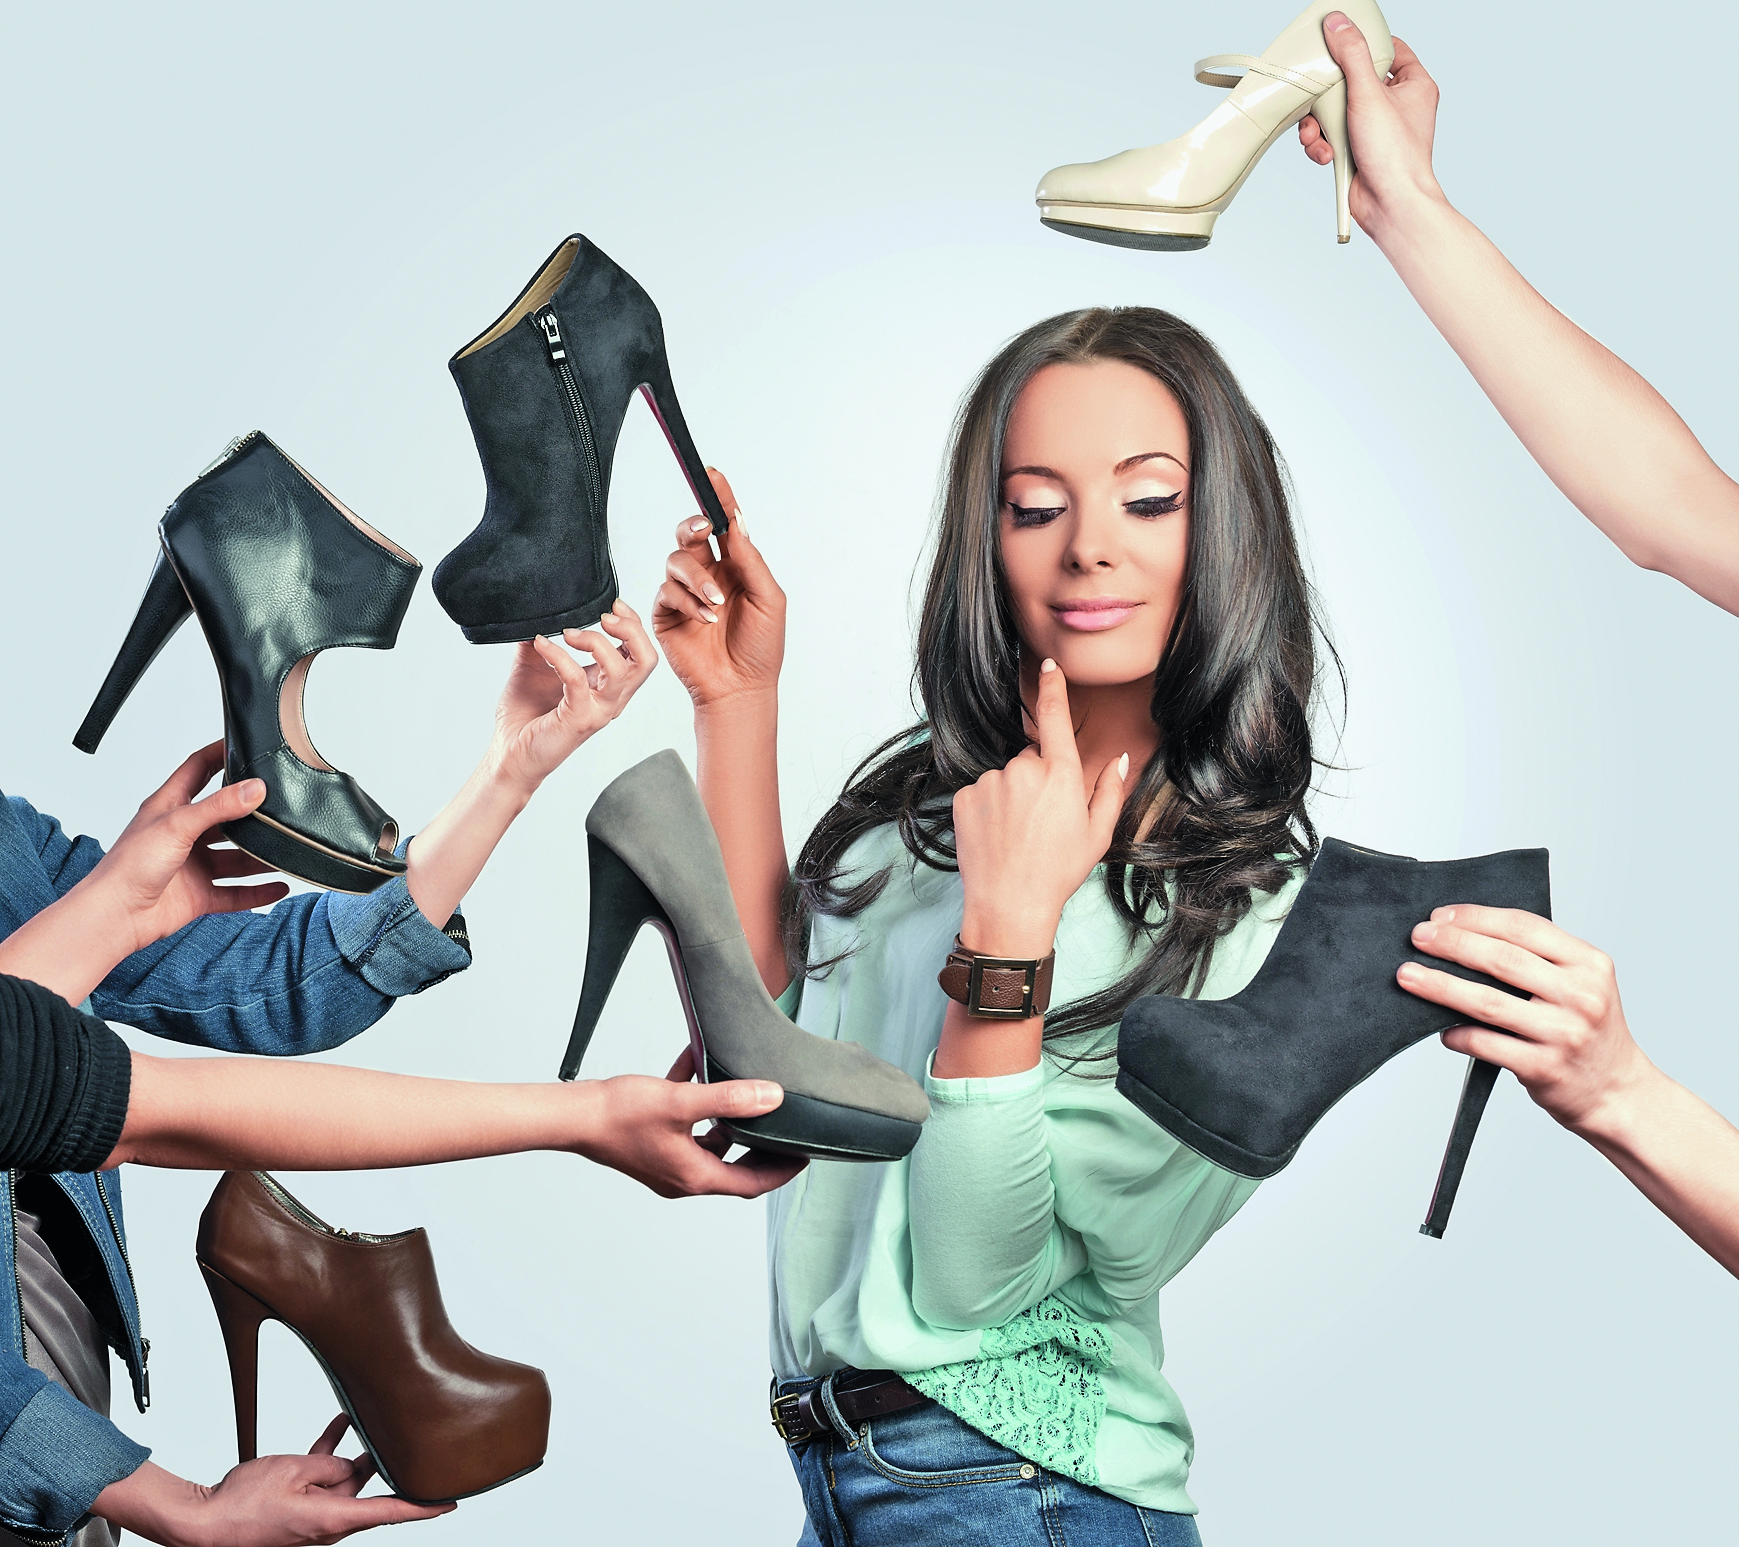 Девченки заставляют парня вылизывать подошвы их обуви фото 427-462